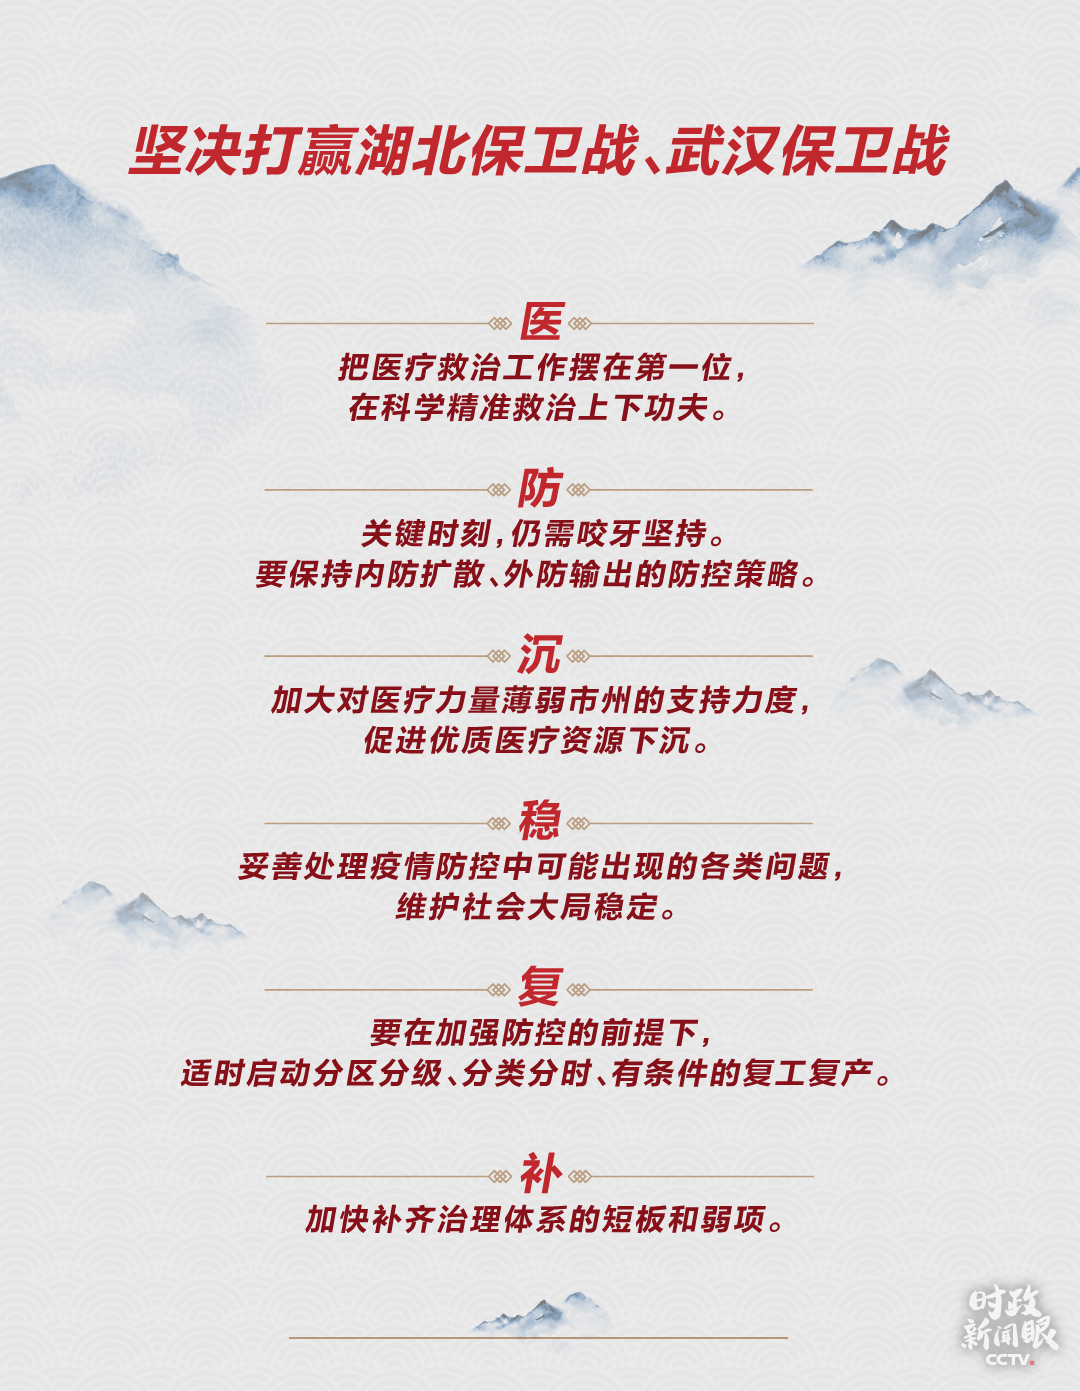 时政新闻眼丨习近平赴武汉考察,传递哪些鲜明信号?